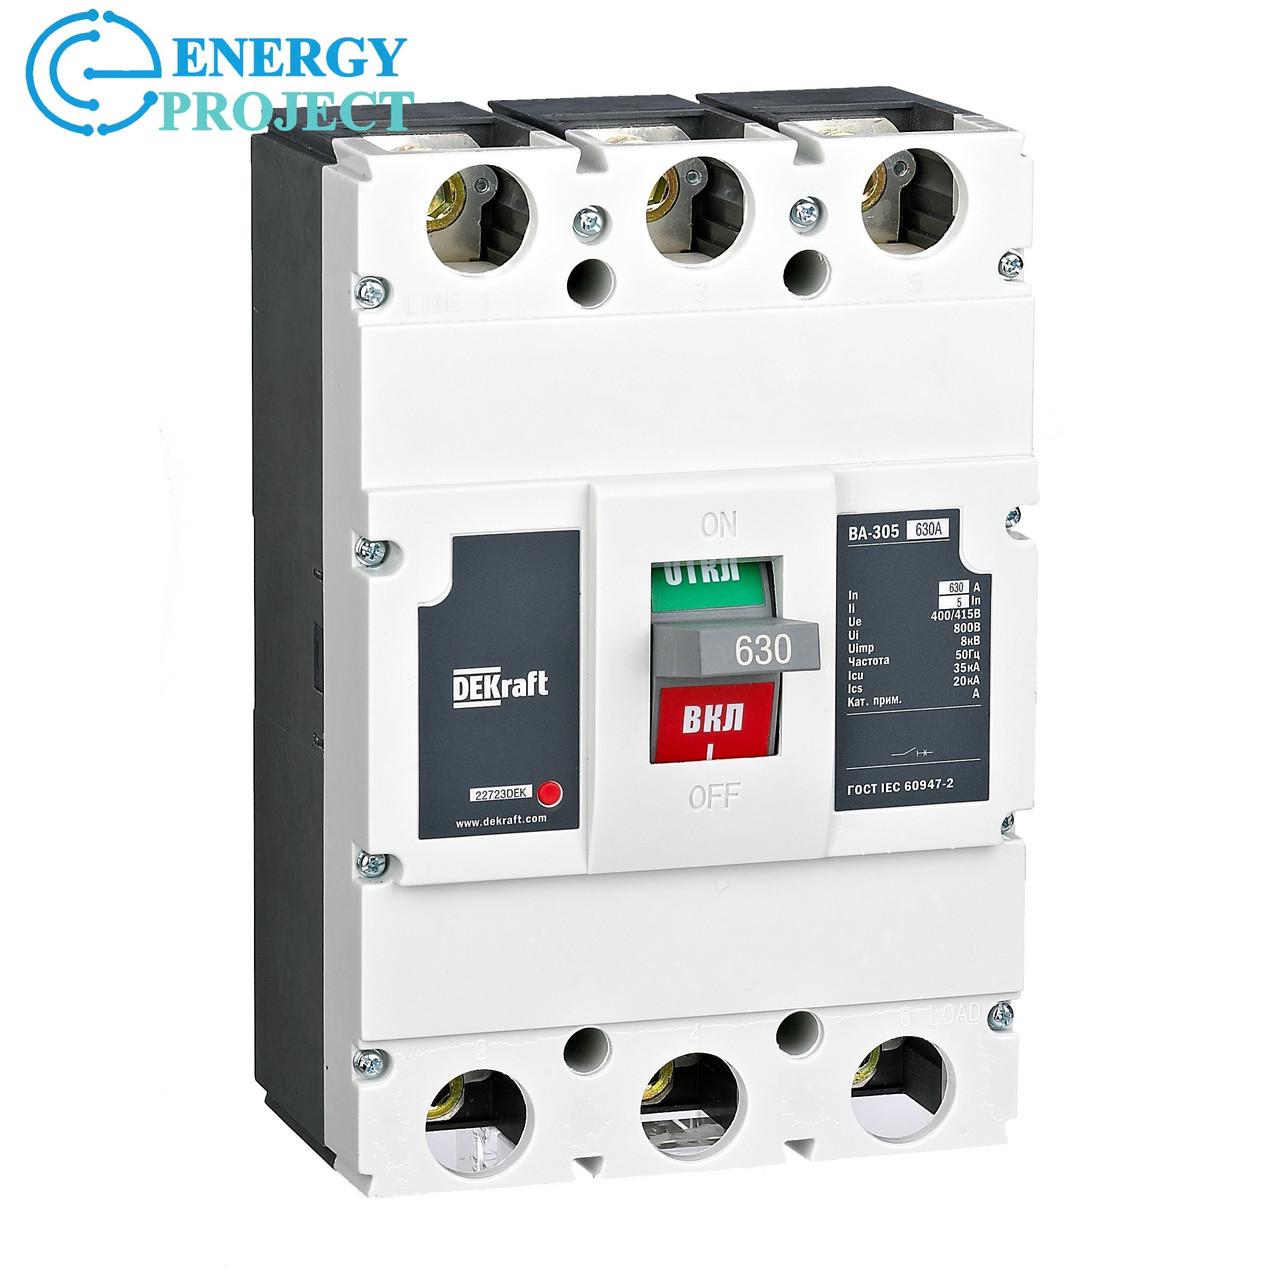 Автоматический выключатель ВА 305 3П 800А Dekfaft